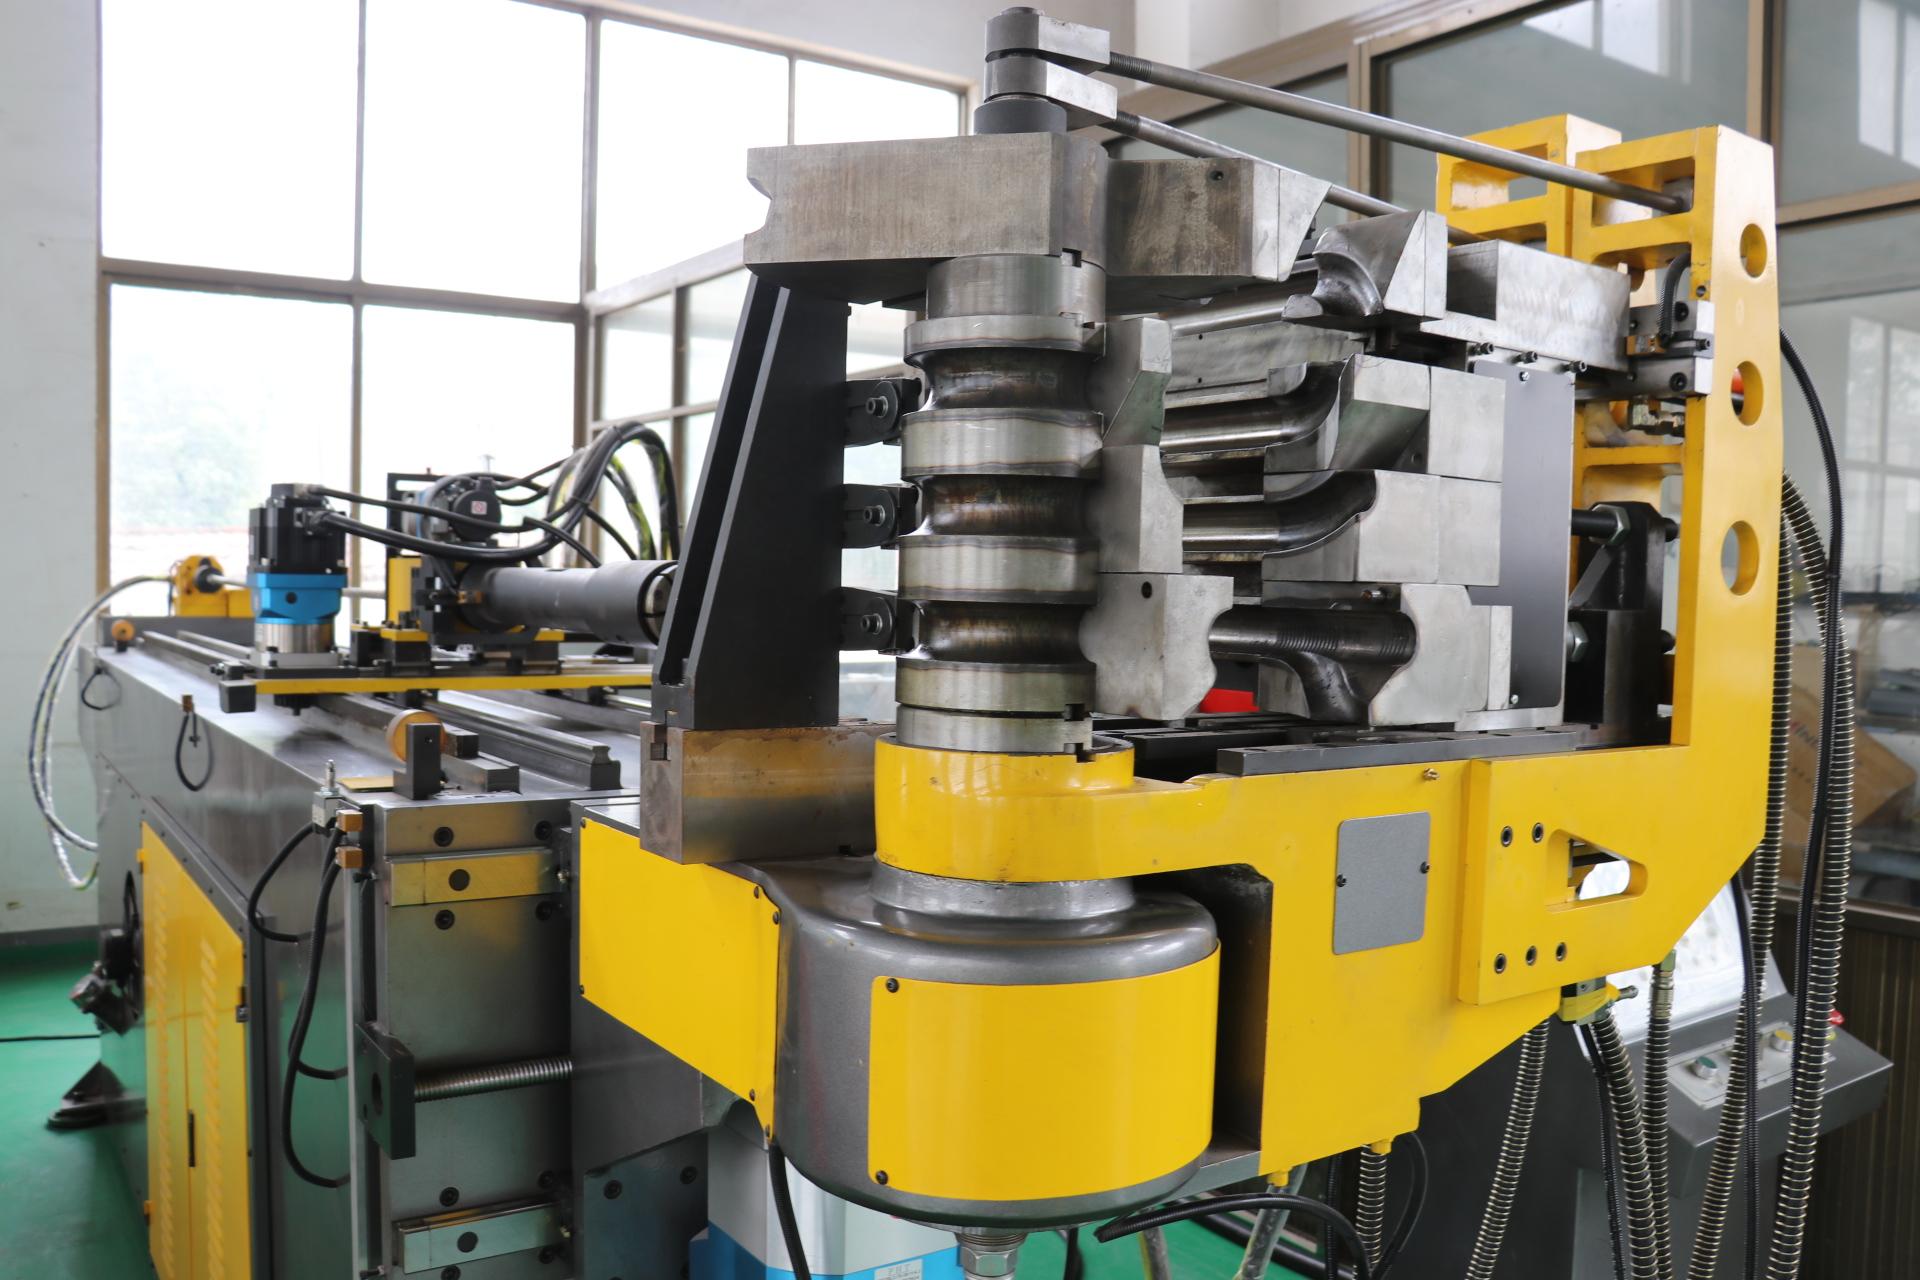 道尔顿DW50CNC-5AX5S全自动弯管机 三维立体弯管机 五轴全自动弯管机